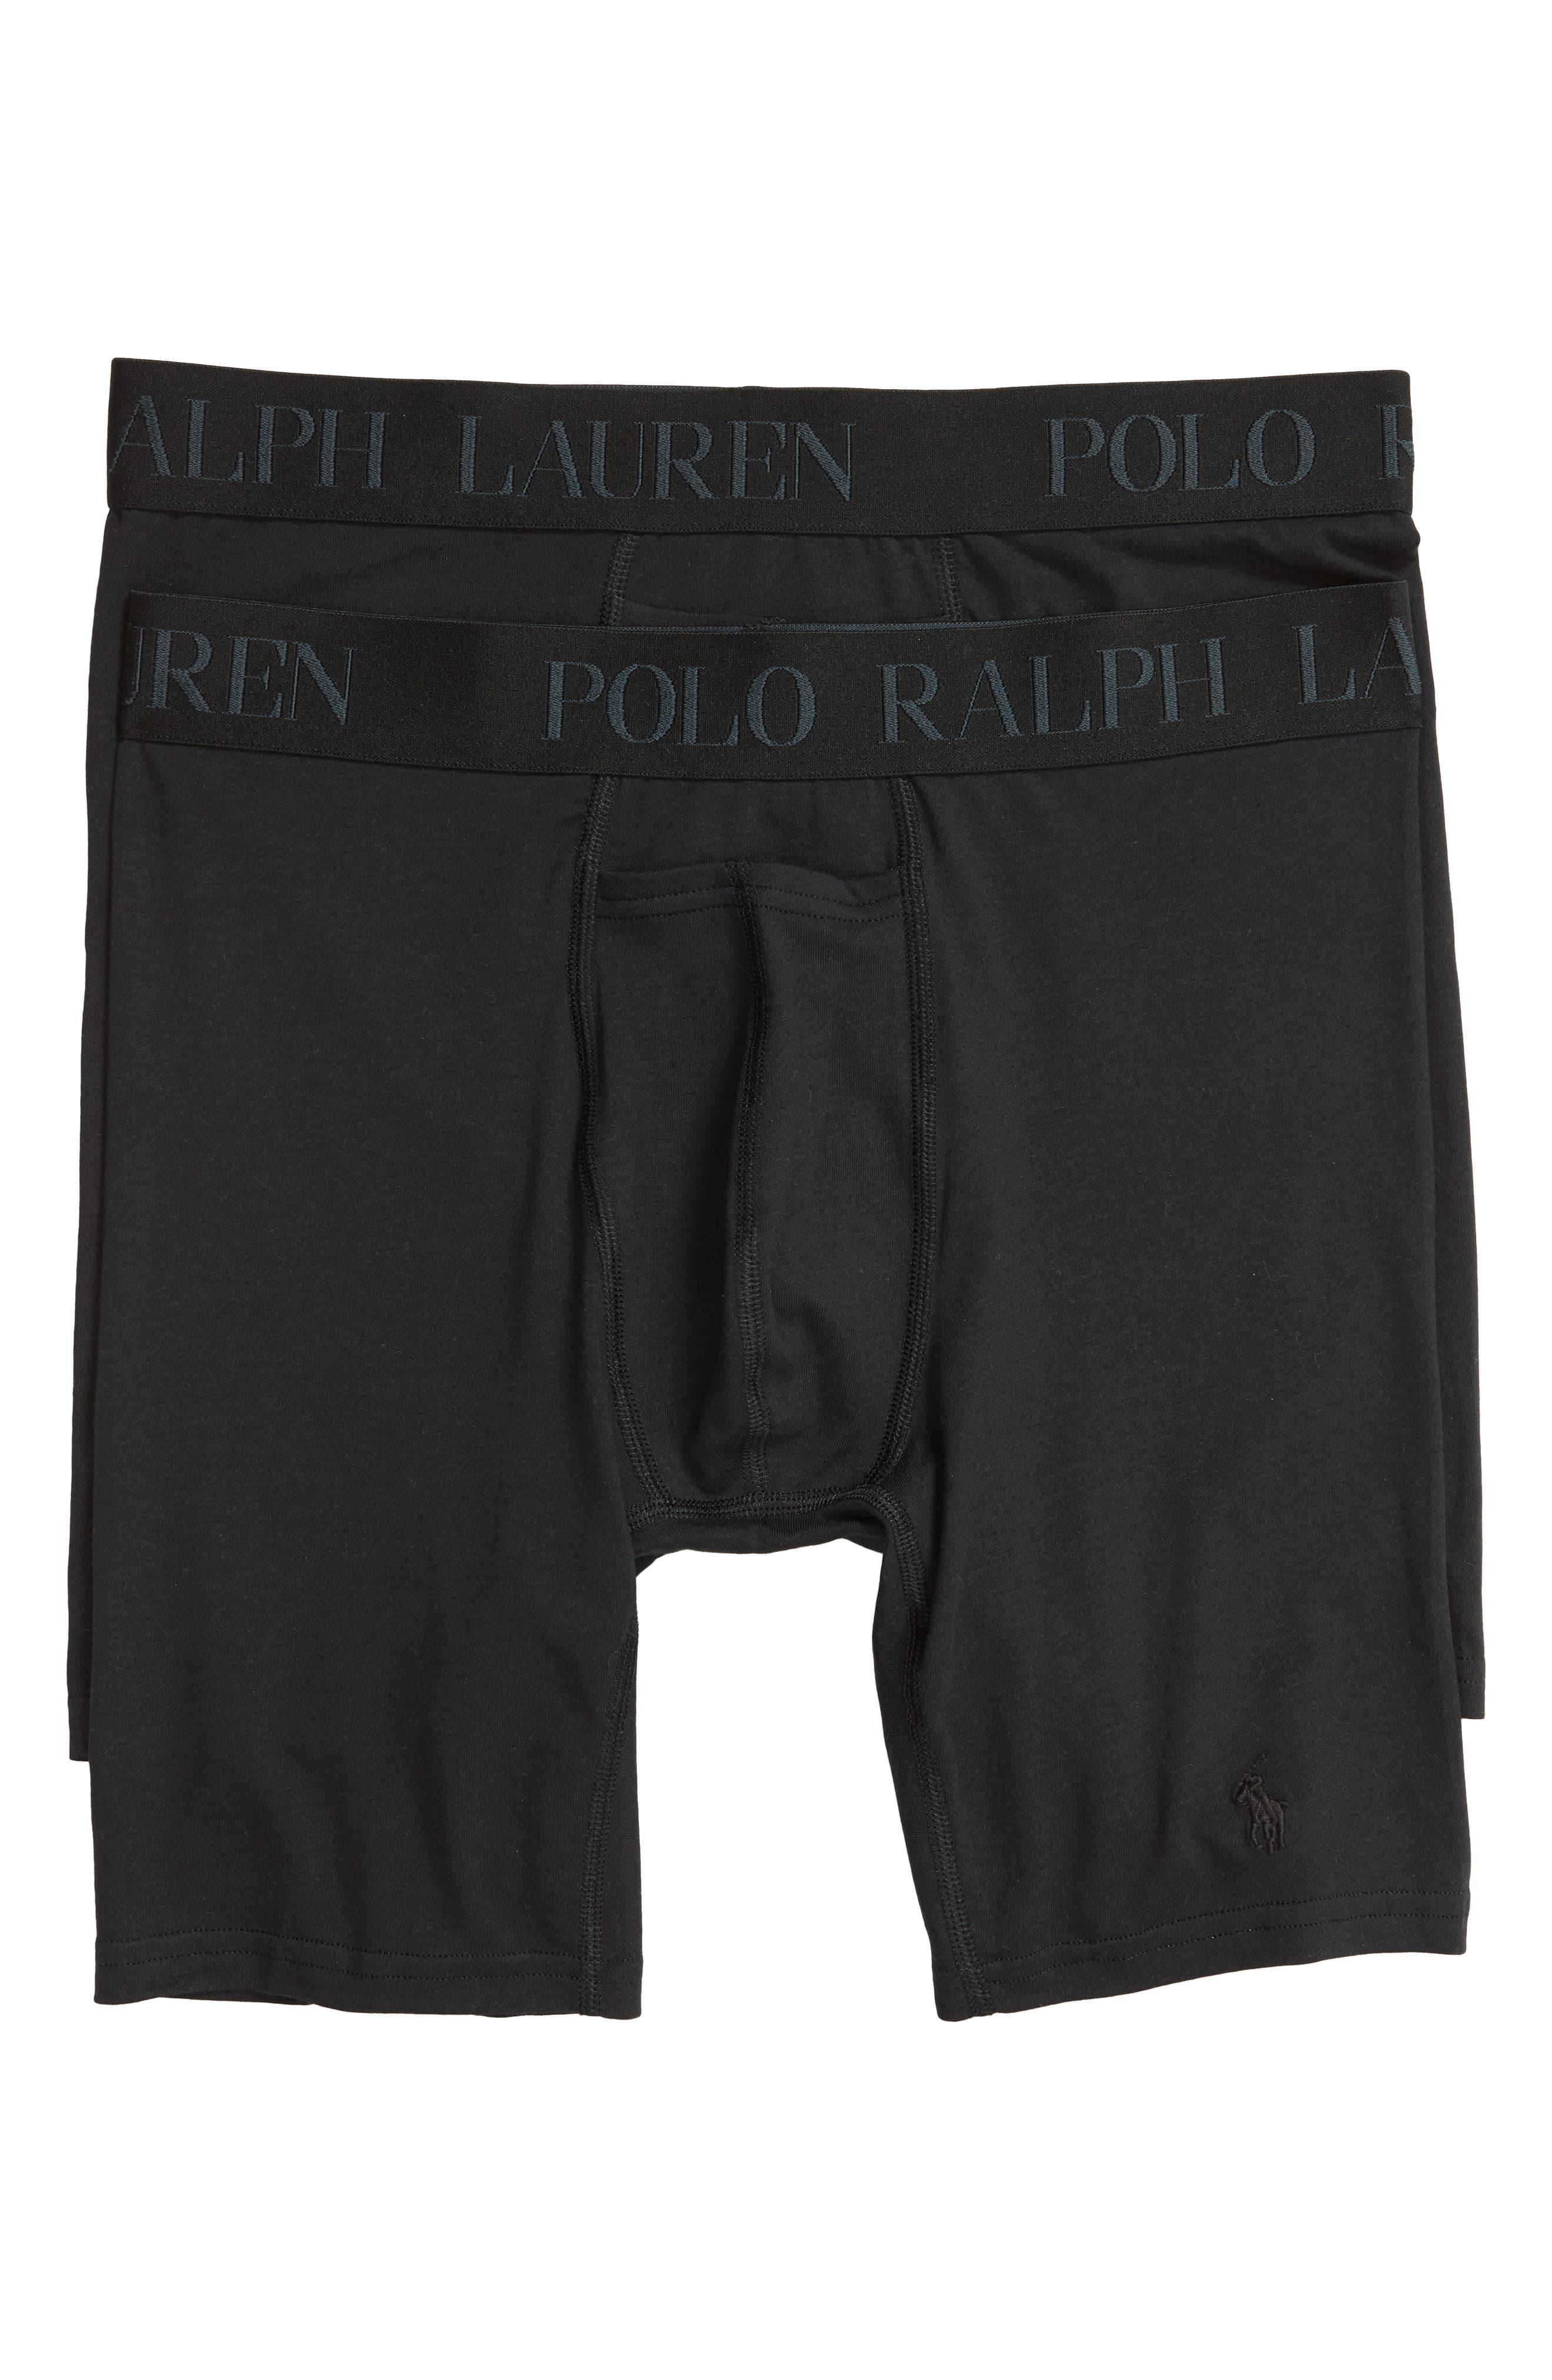 POLO RALPH LAUREN 2-Pack Cotton & Modal Boxer Briefs, Main, color, 001